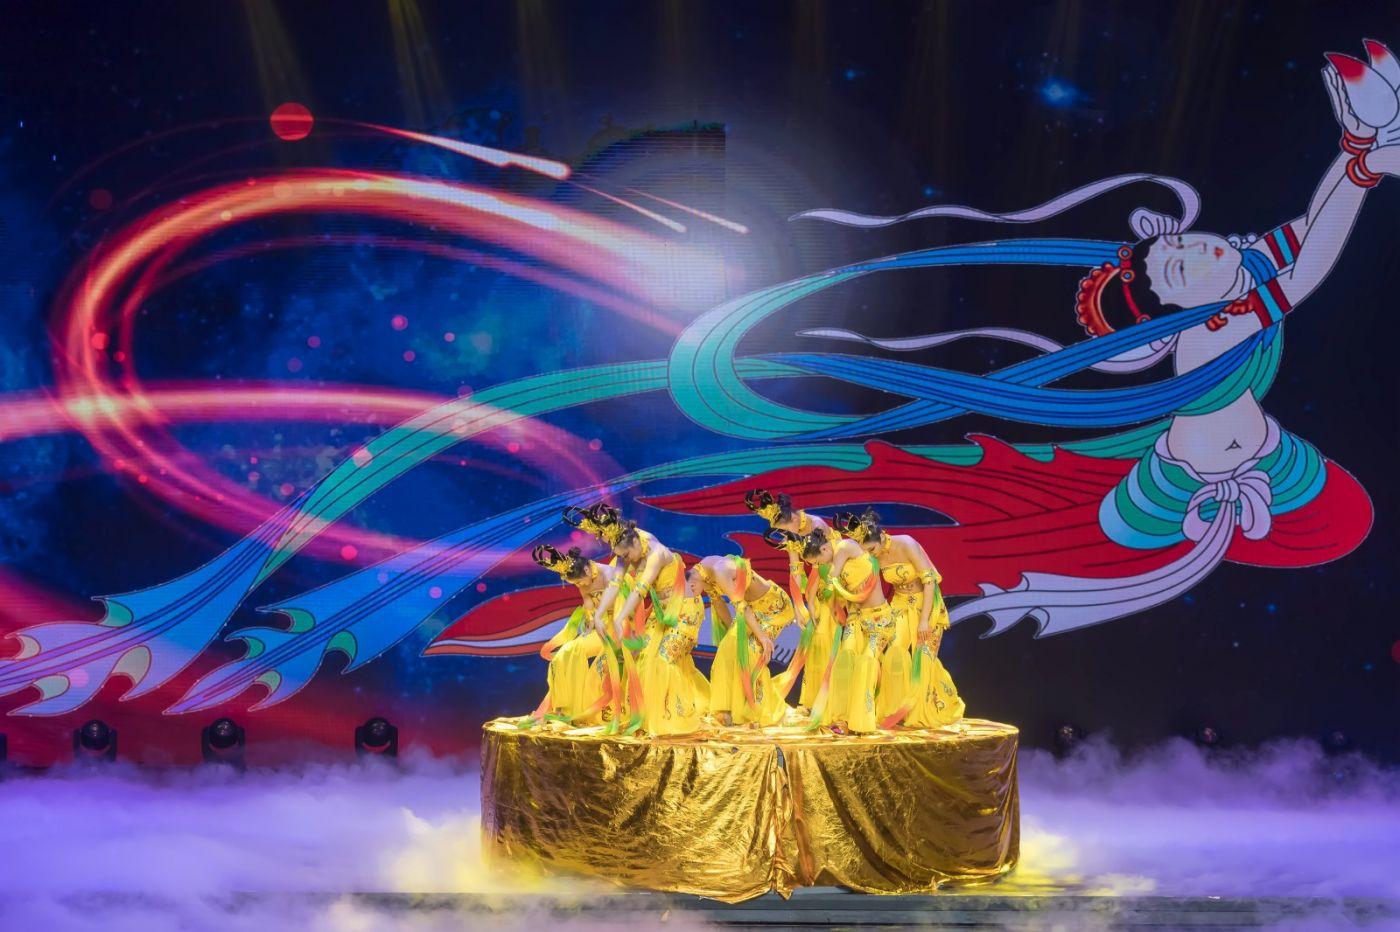 沂蒙大地上 有一种舞蹈叫飞天 这是几位临沂女孩的杰作 美轮美奂 ..._图1-56